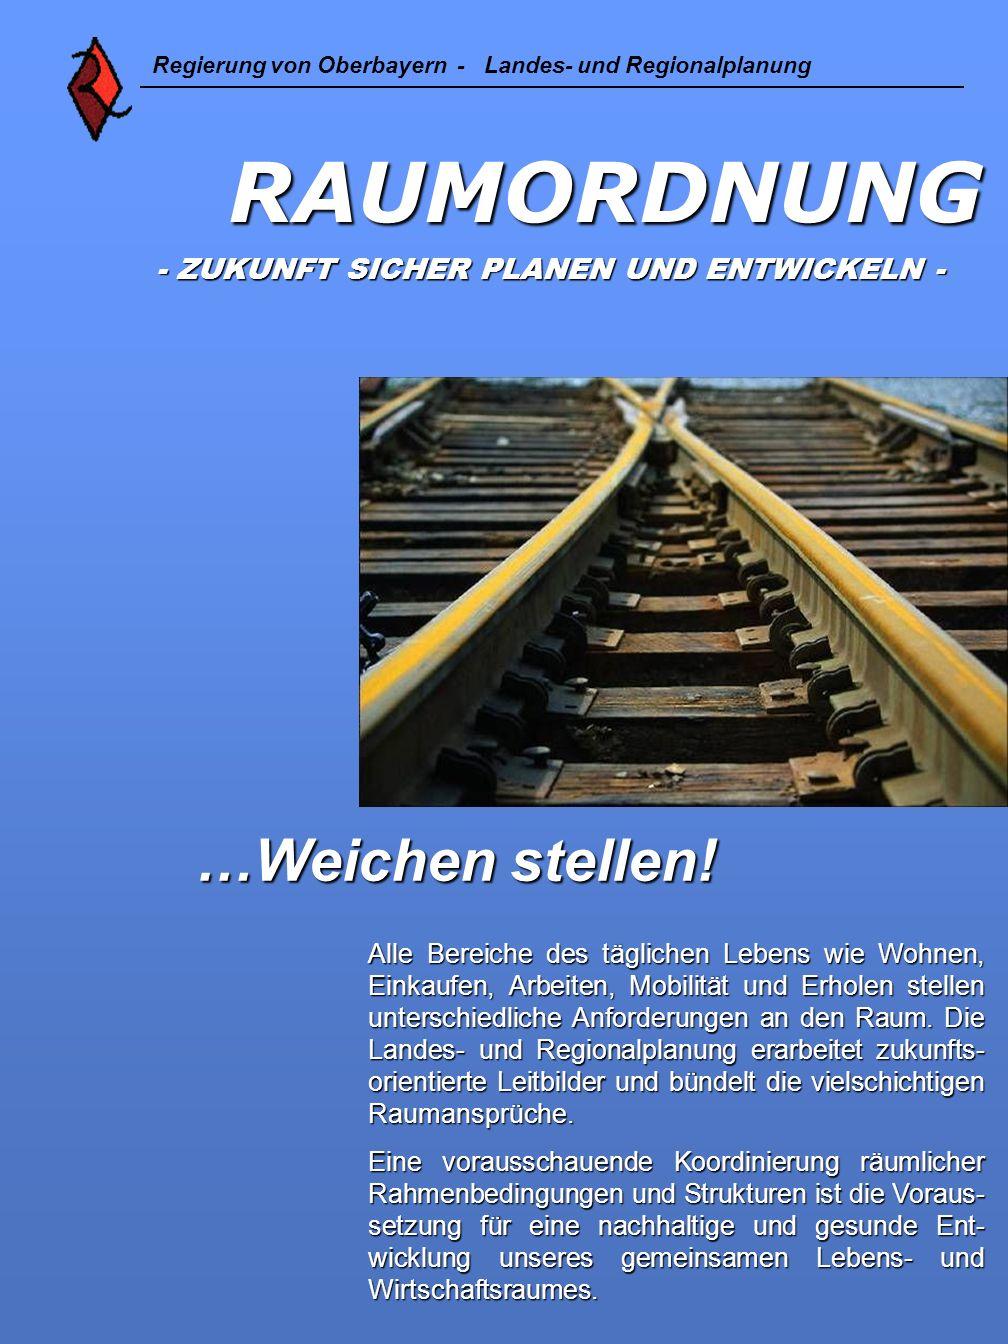 RAUMORDNUNG - ZUKUNFT SICHER PLANEN UND ENTWICKELN - - ZUKUNFT SICHER PLANEN UND ENTWICKELN - Regierung von Oberbayern - Landes- und Regionalplanung …